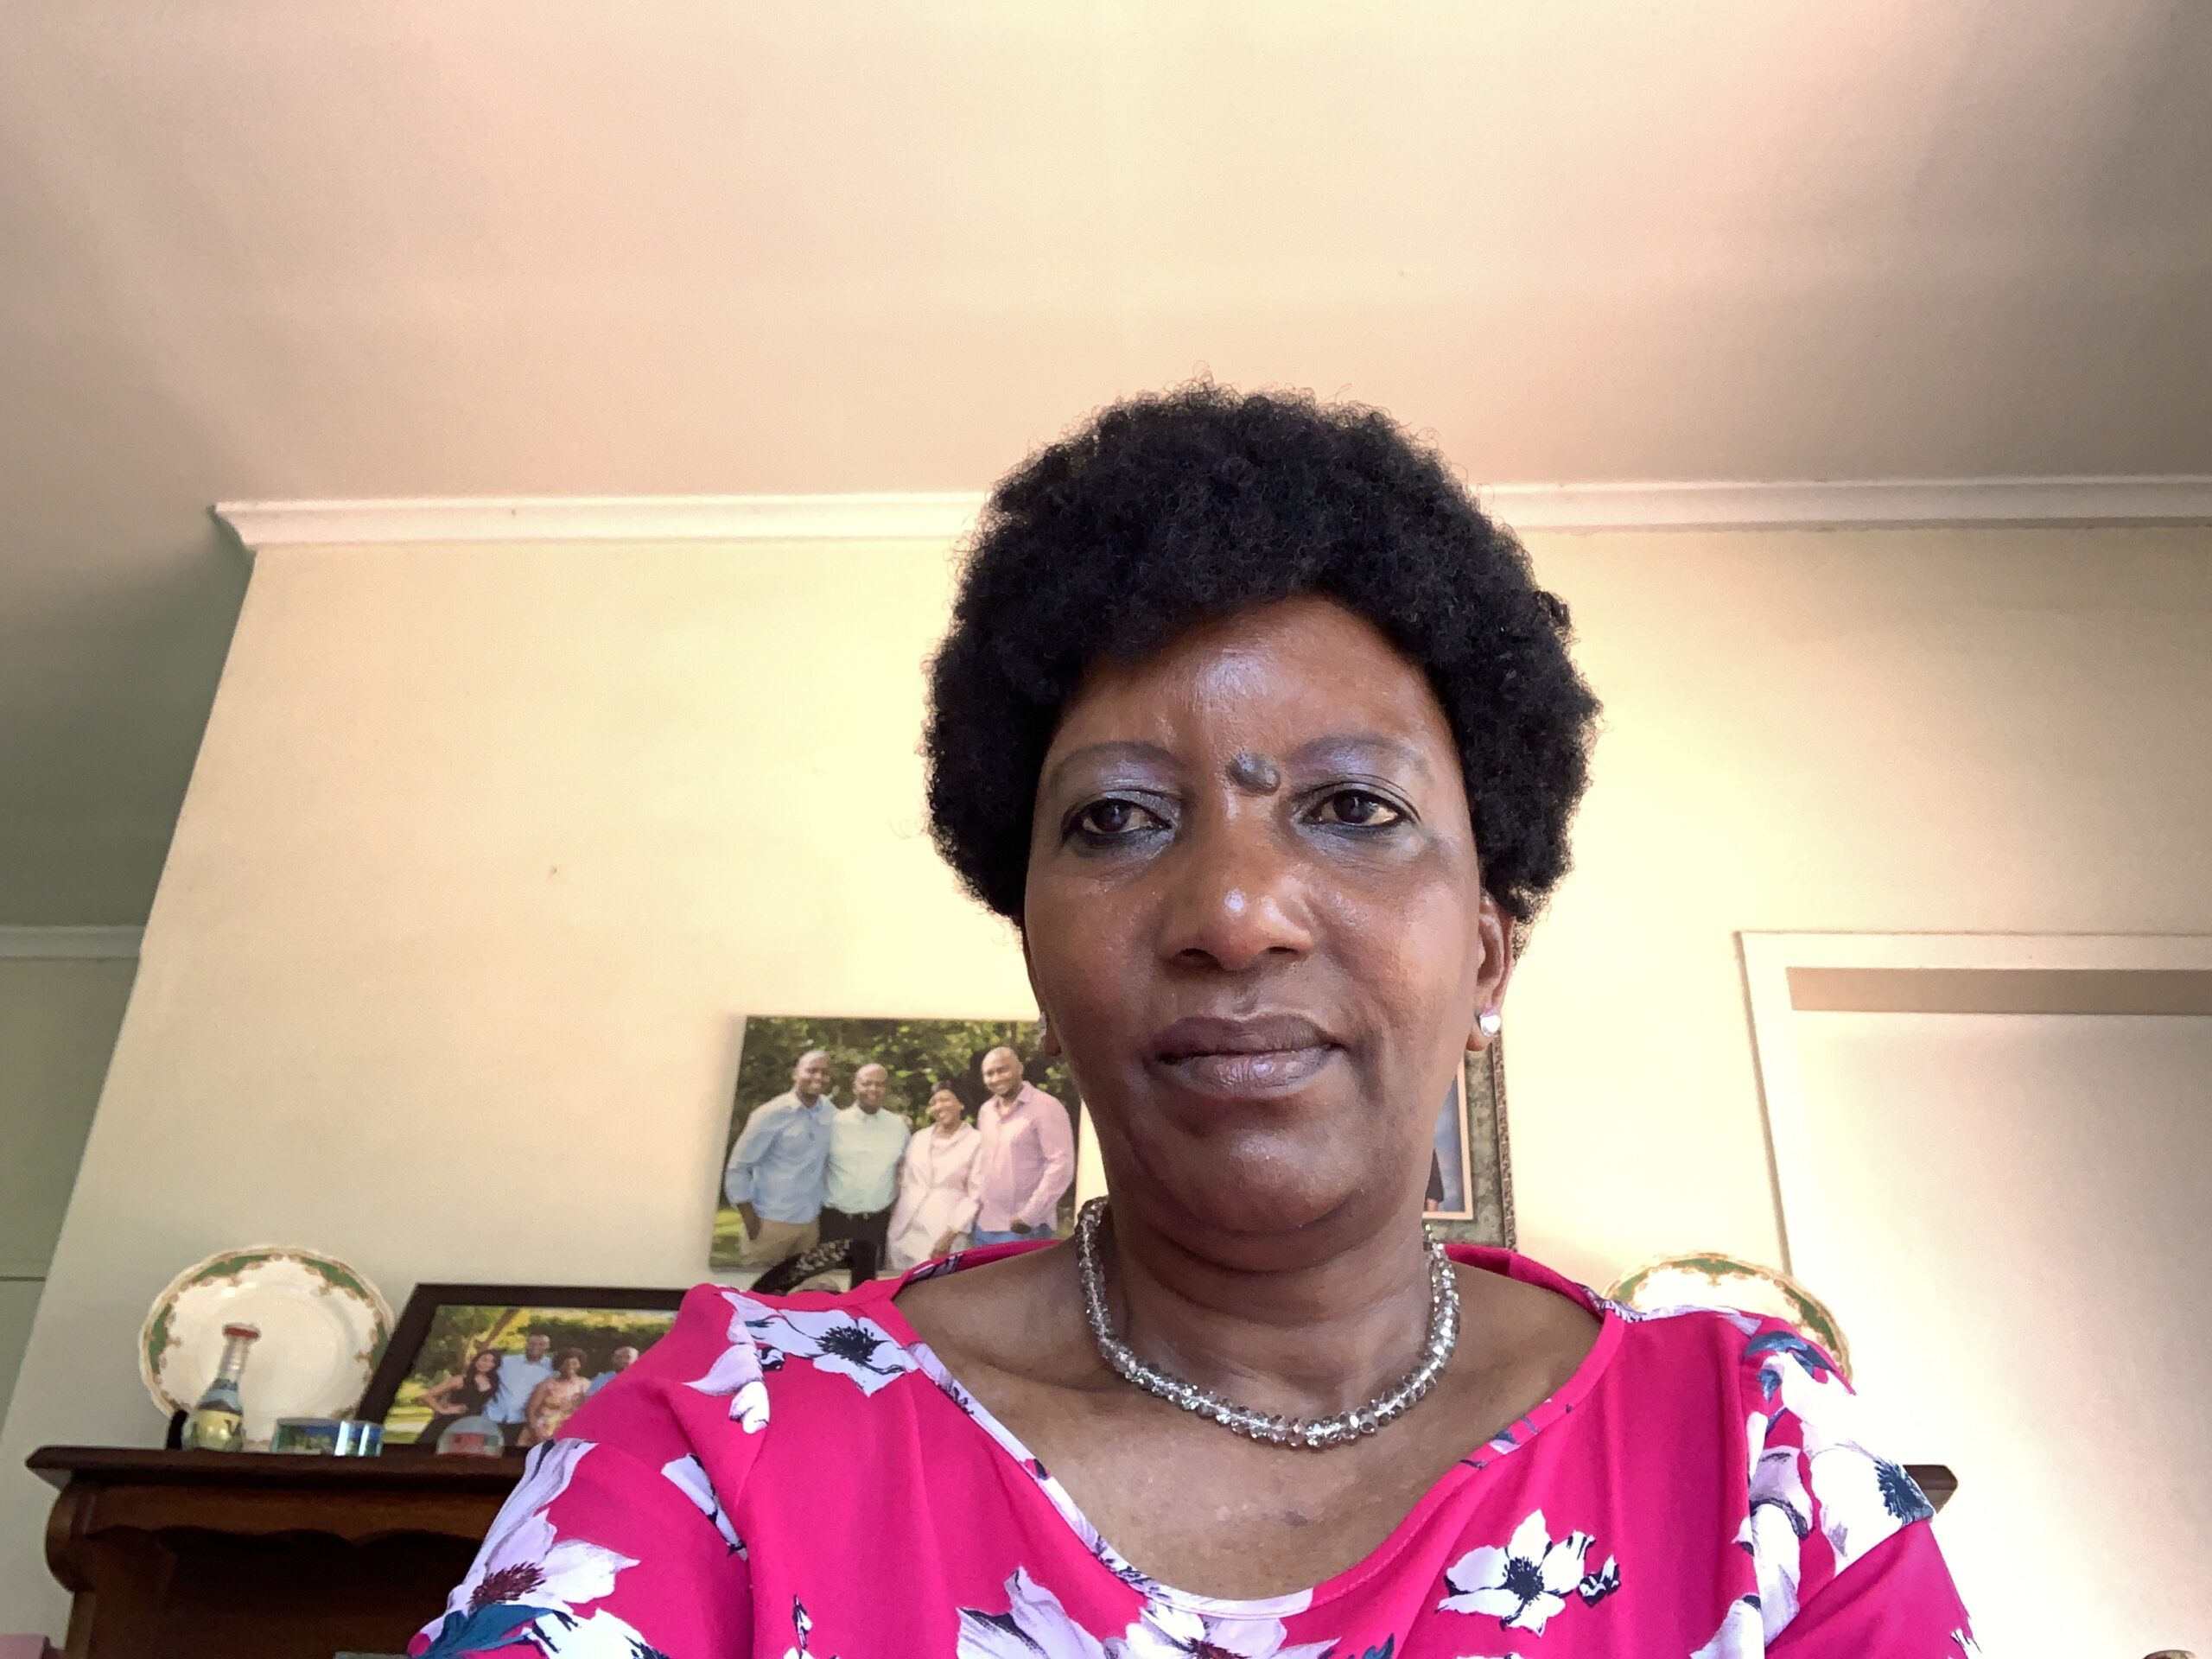 Climate Friendly Travel Registry, Rose Mukogo, Harare, Zimbabwe